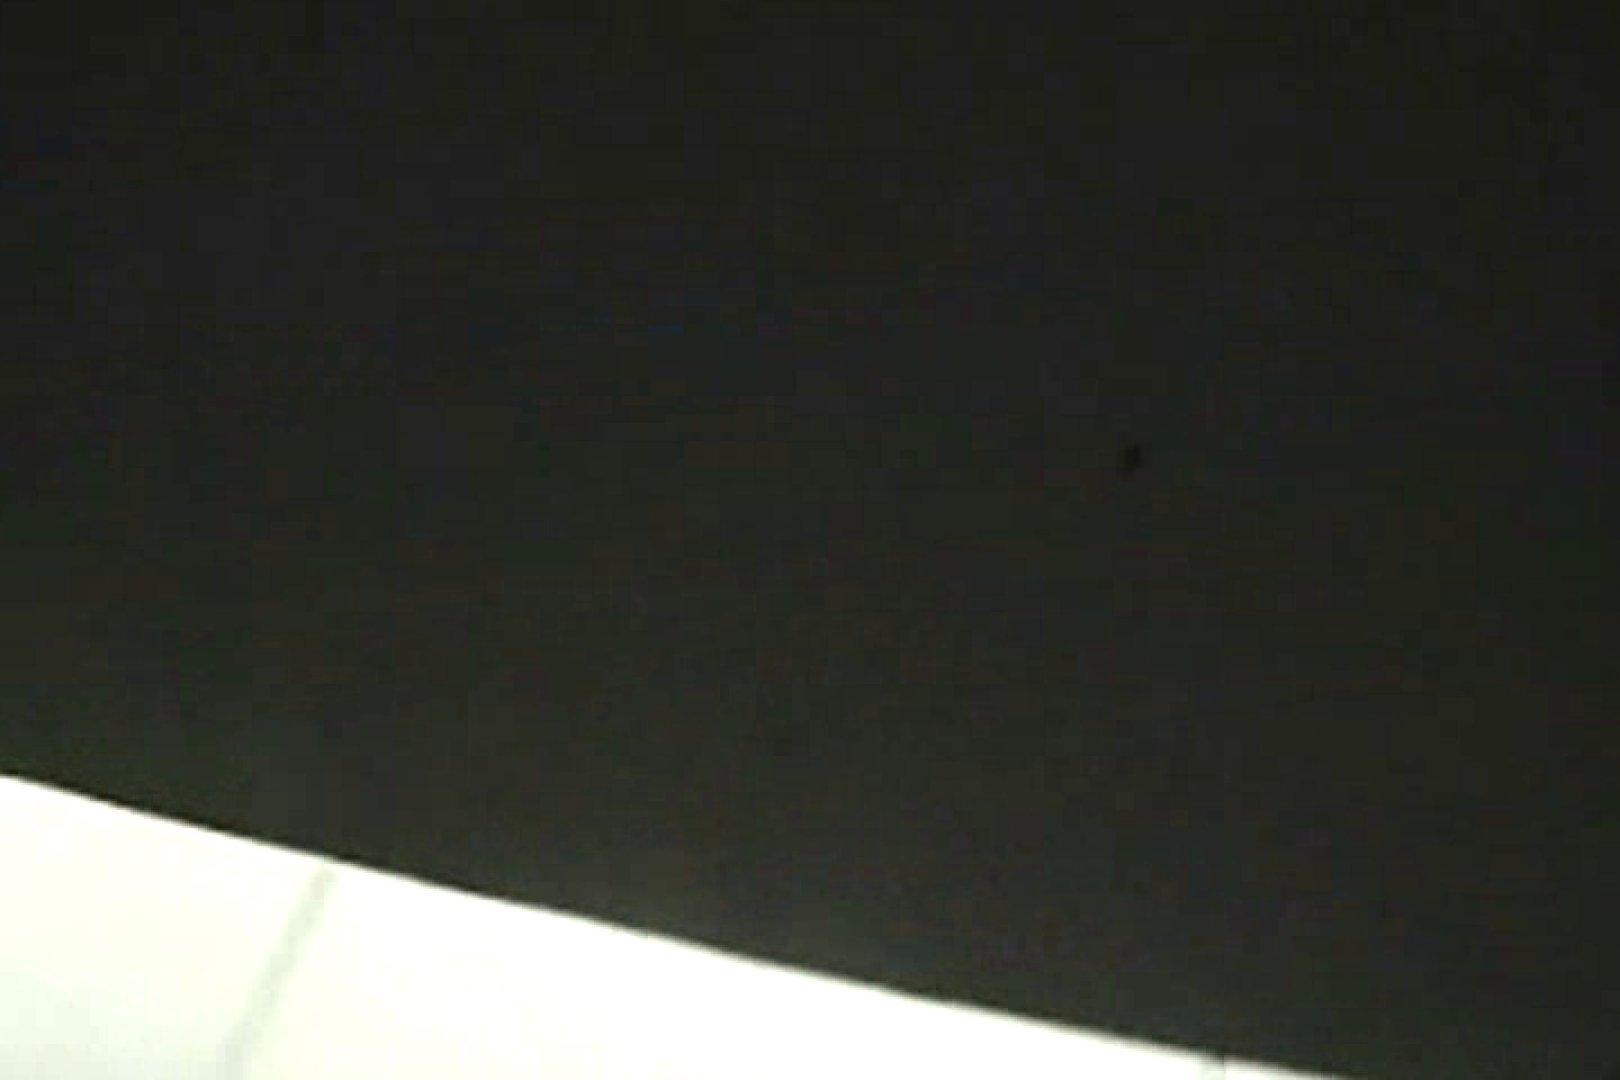 ぼっとん洗面所スペシャルVol.7 洗面所 | すけべなOL  106画像 51